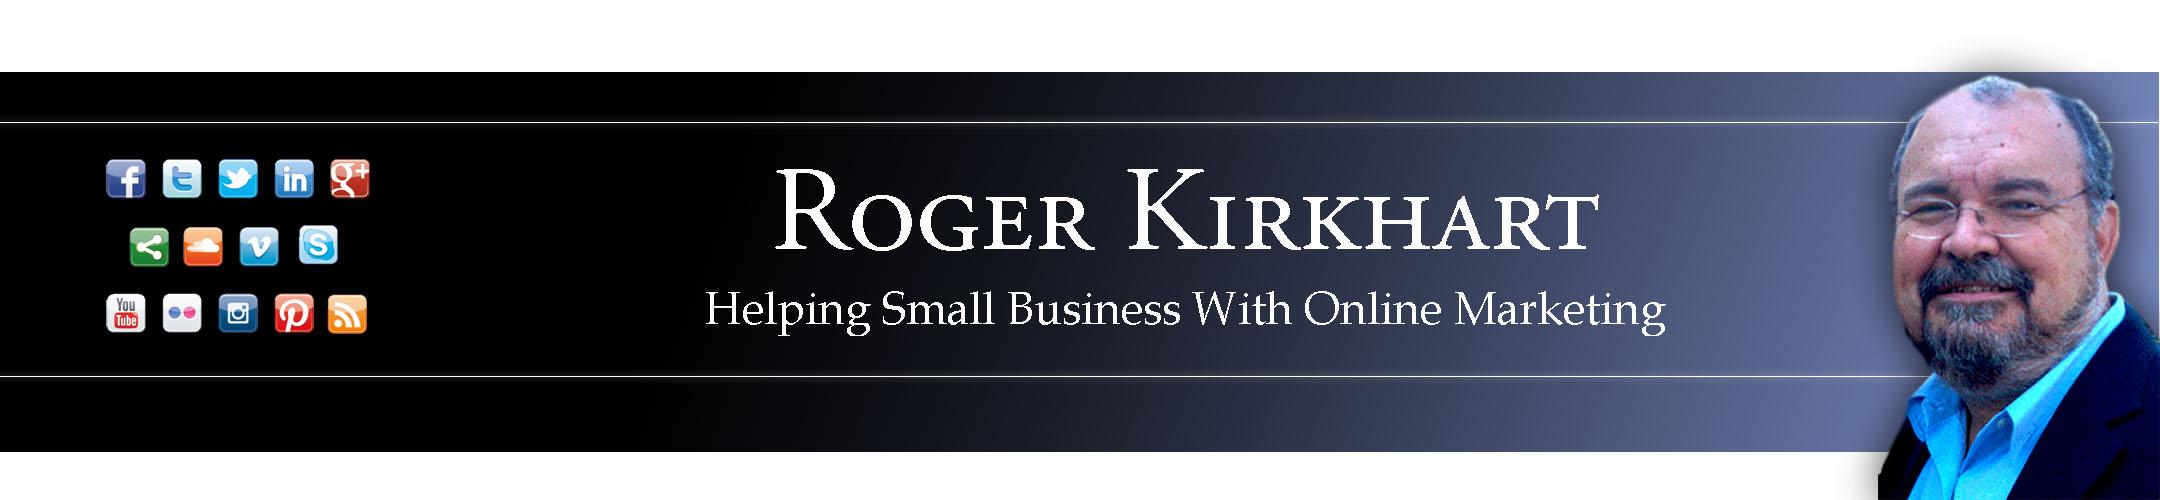 Roger Kirkhart